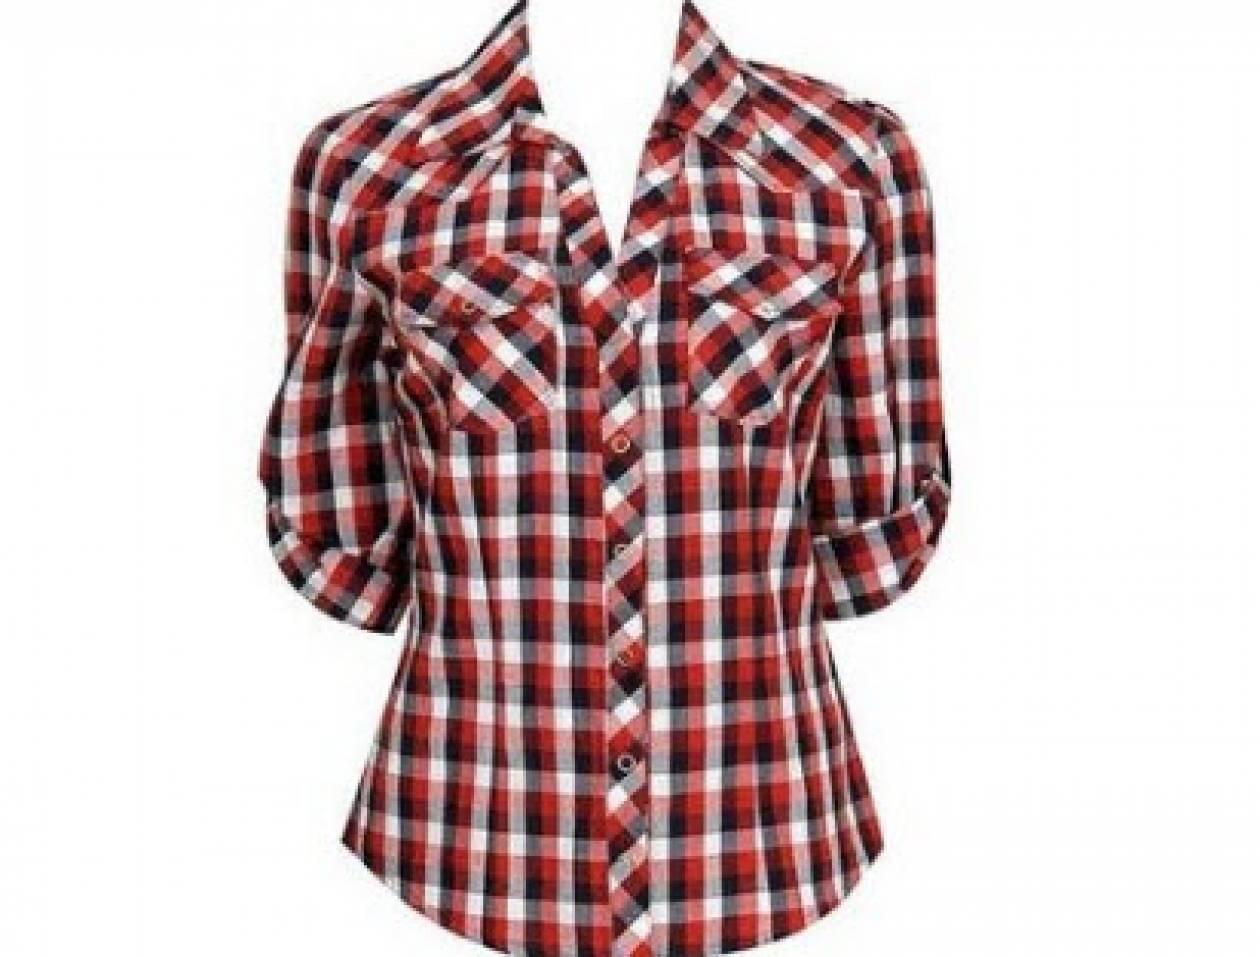 Καρό πουκάμισο: Πώς να μη μοιάζω με γελαδάρισσα